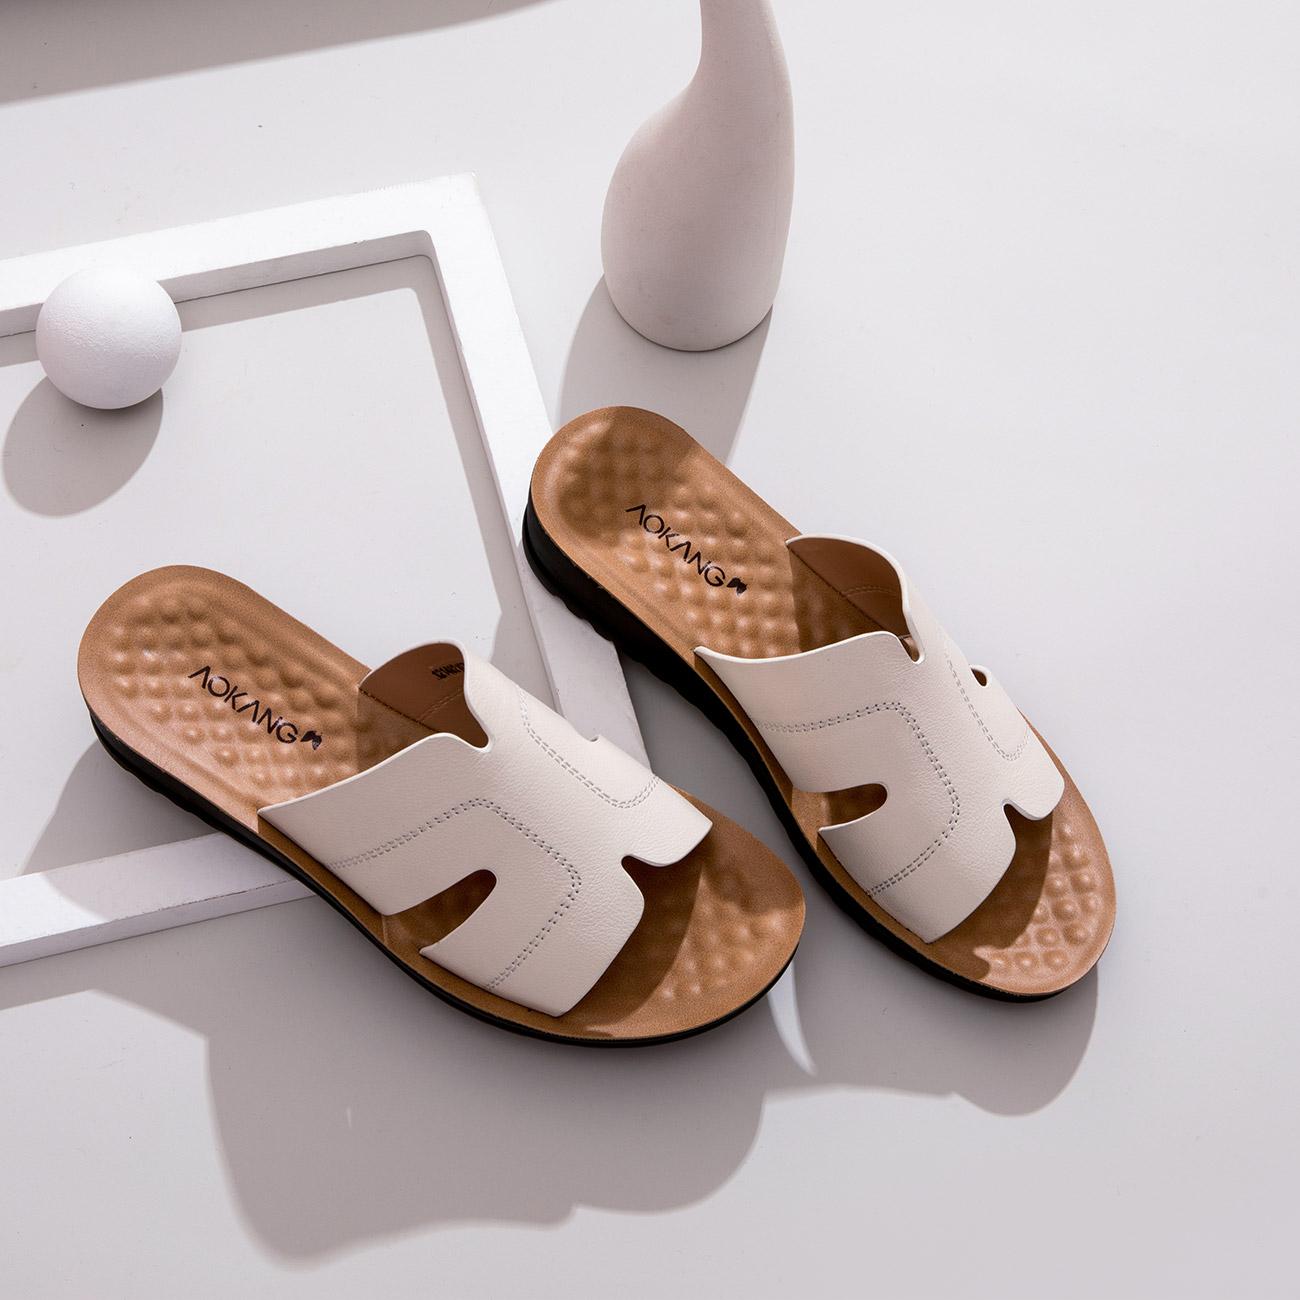 奥康女鞋 2021夏季新款真皮妈妈坡跟拖鞋外穿防滑软底中老年凉拖